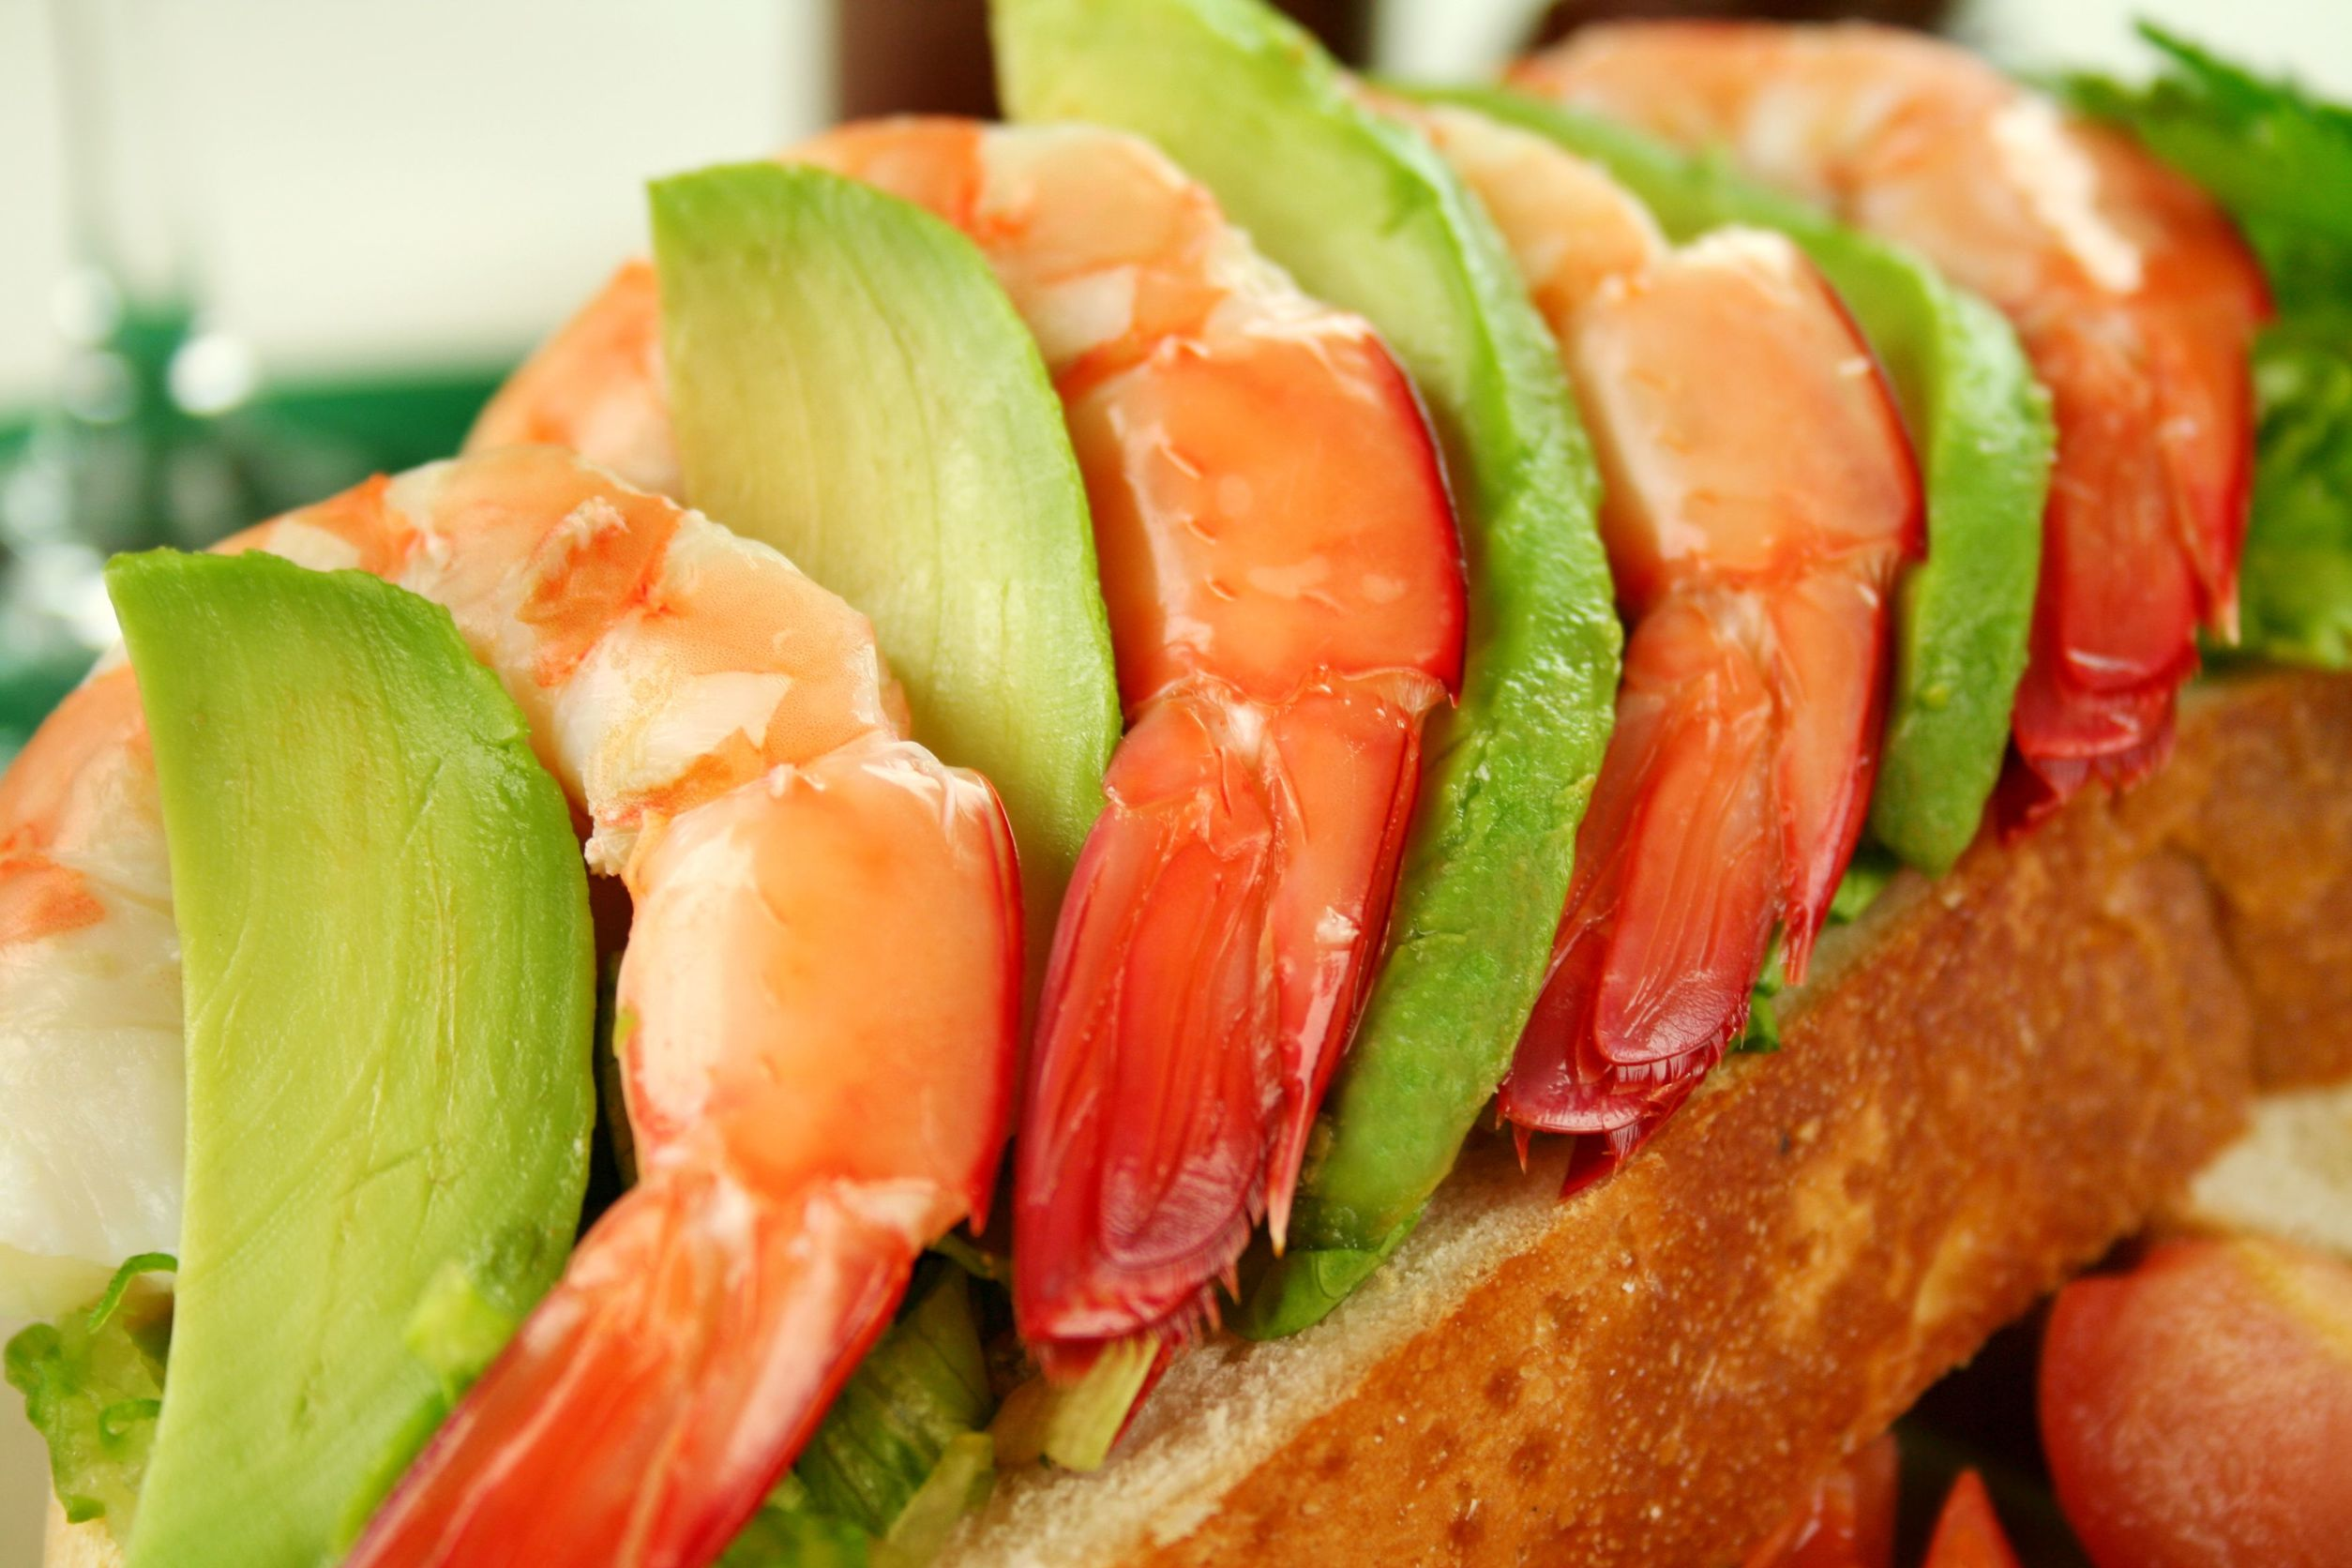 アボカドとえびのサンドイッチ。えびとアボカドがパンの上にのっている